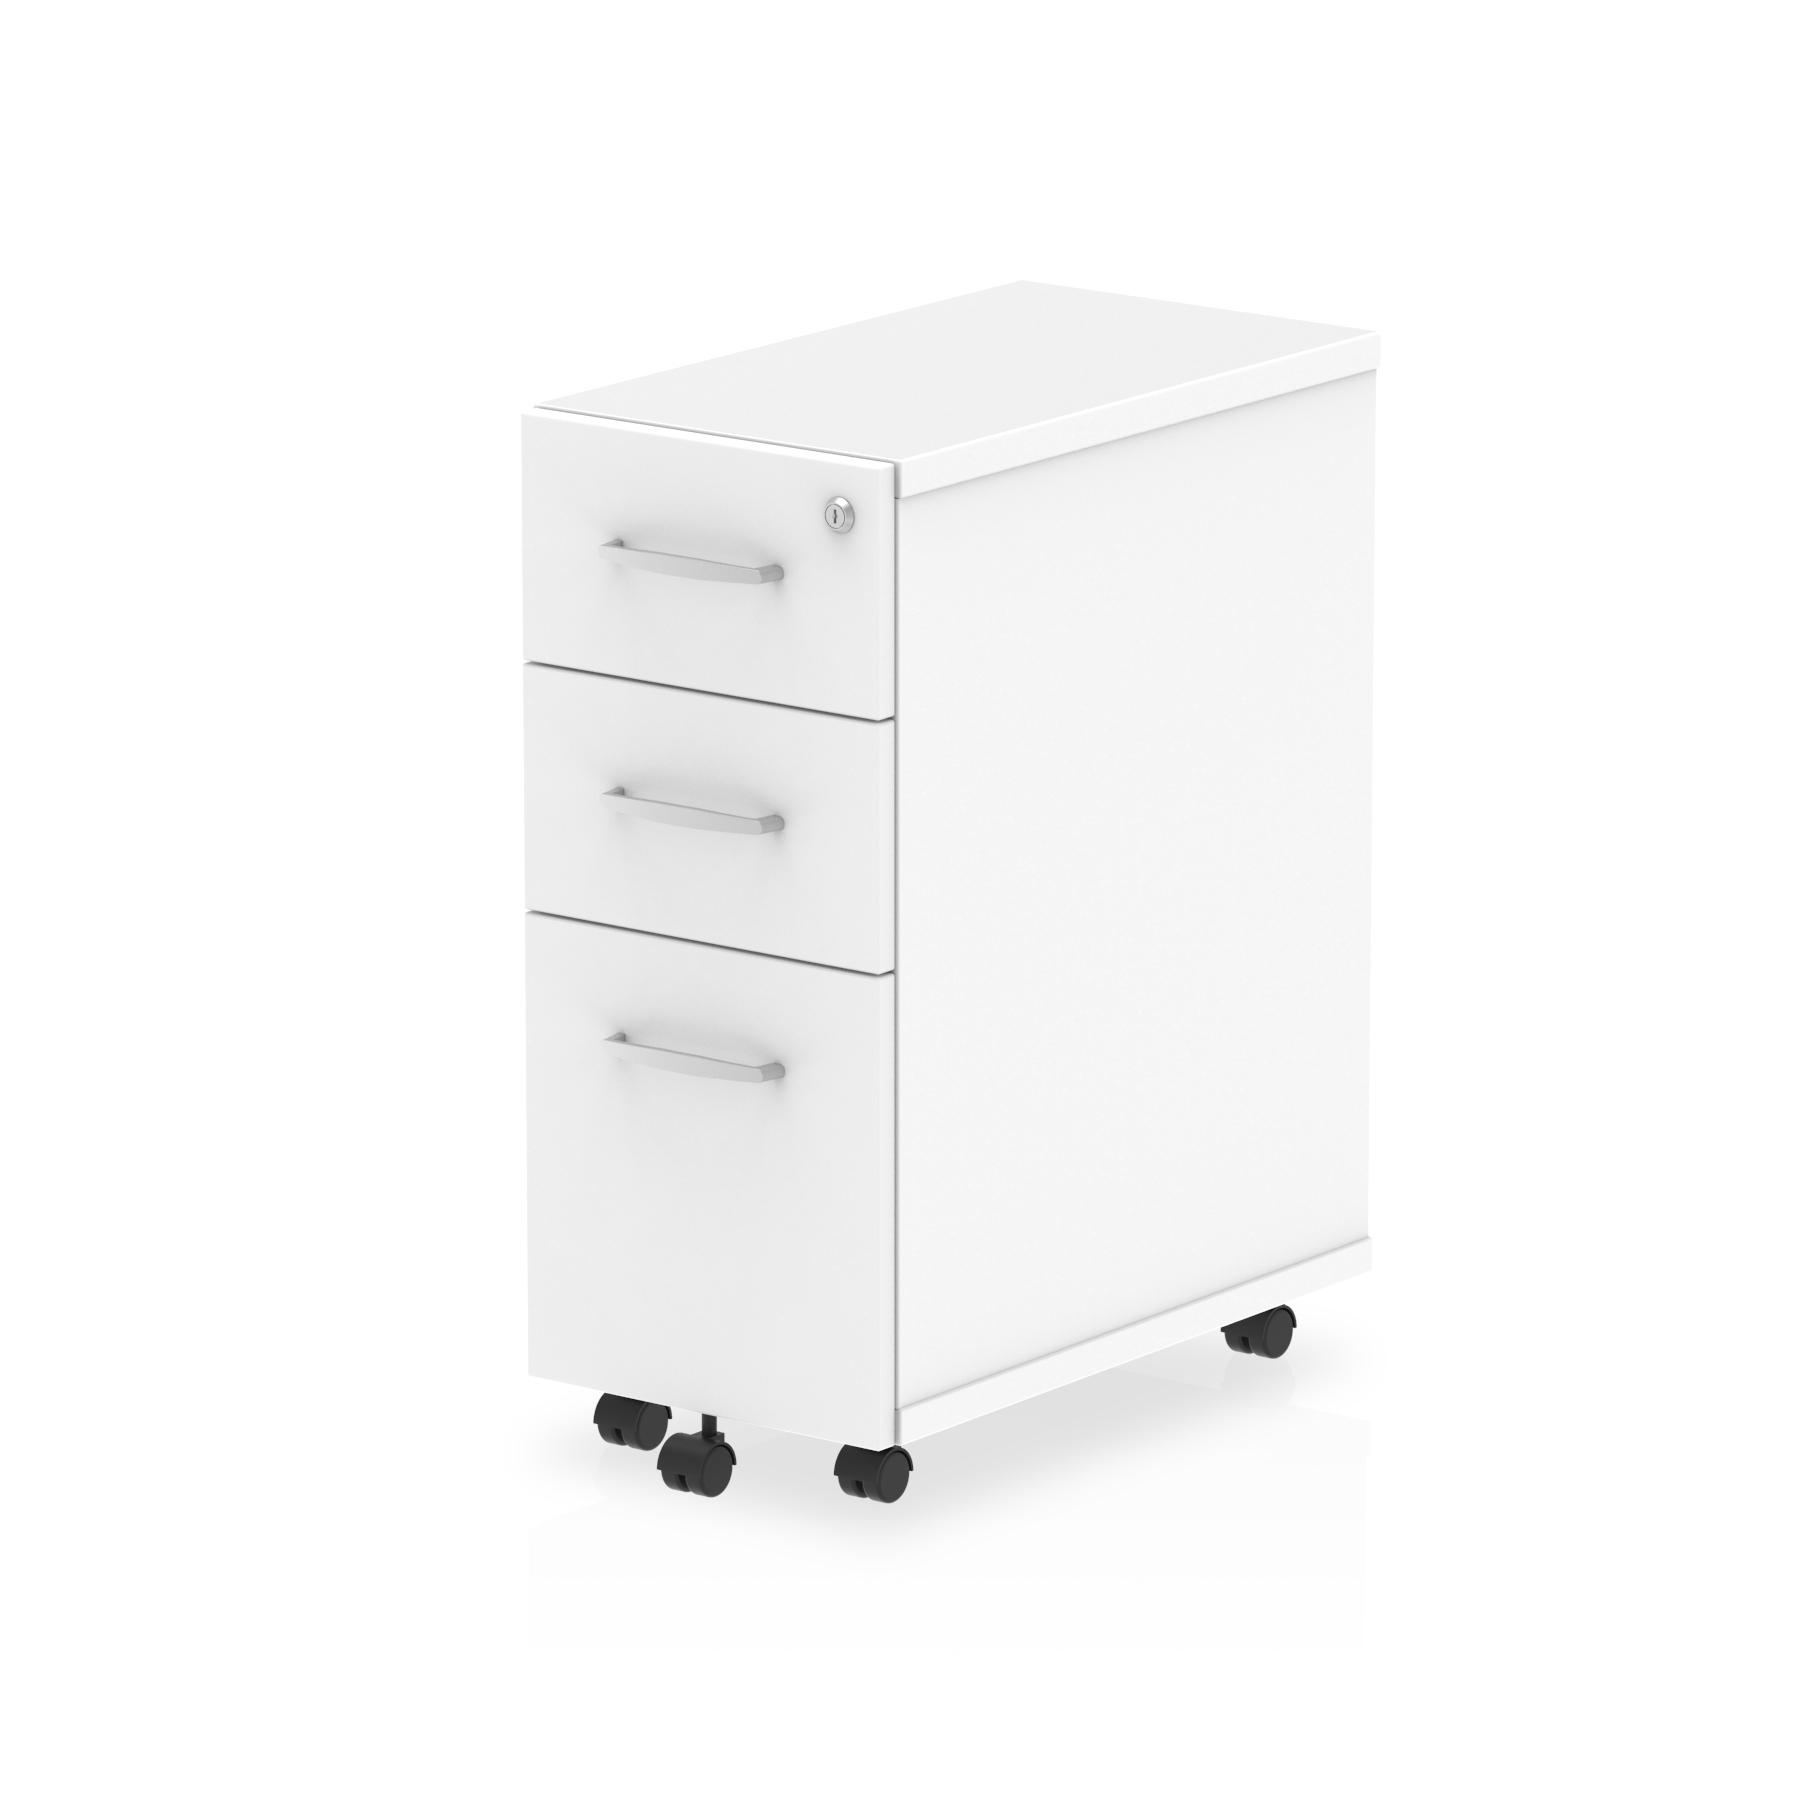 3 Drawer Impulse 3 Drawer Narrow Under Desk Pedestal White I001655